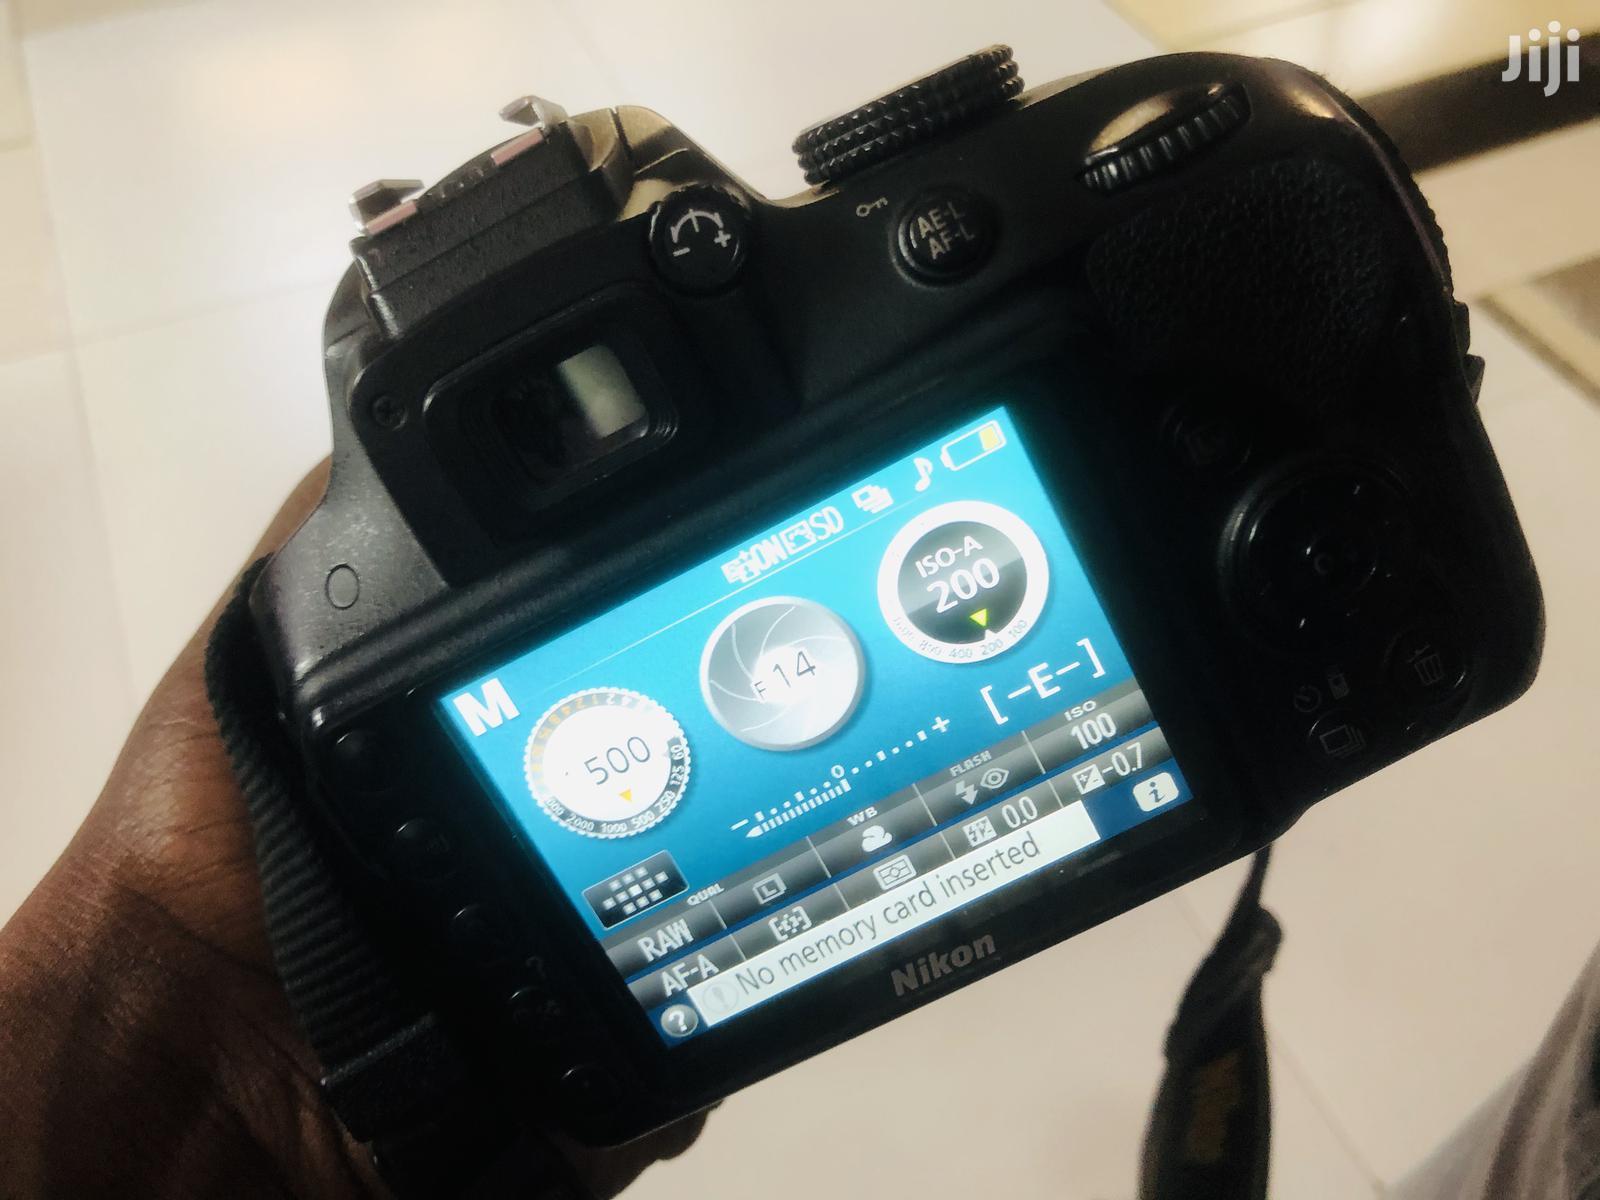 Used Nikon D3300 | Photo & Video Cameras for sale in Kampala, Central Region, Uganda